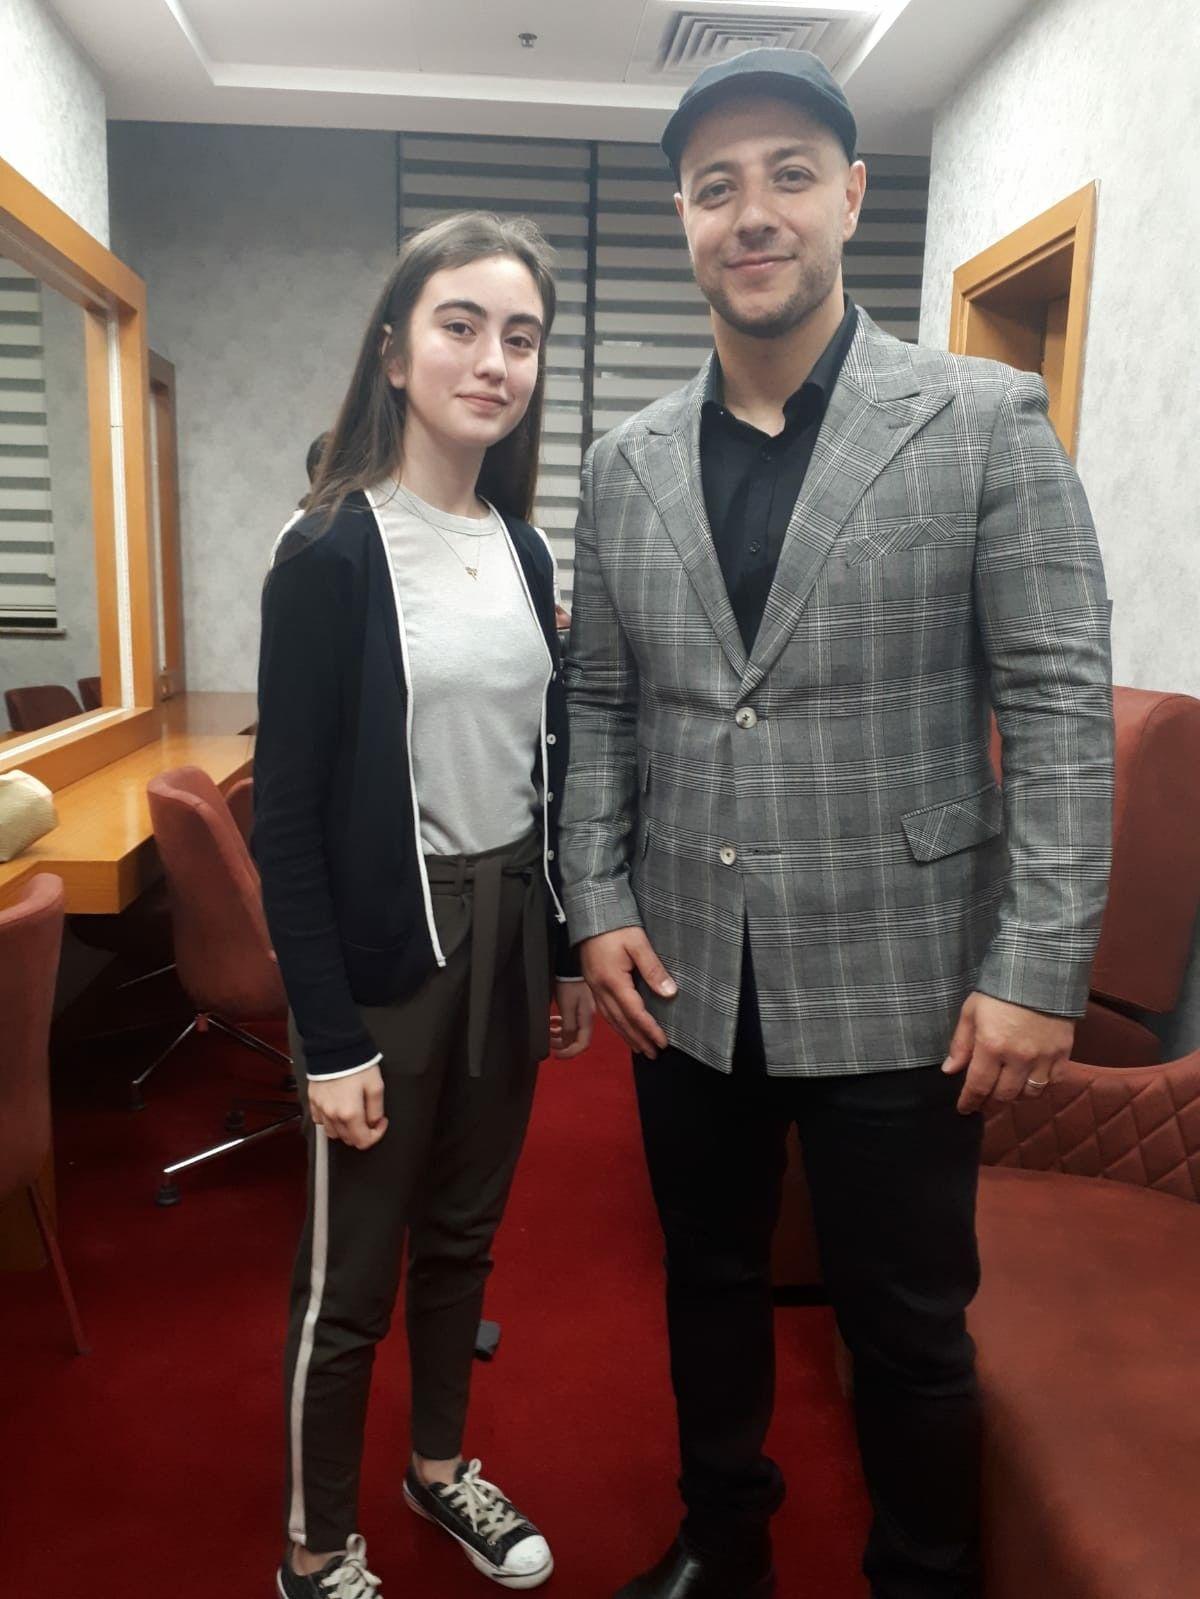 MaherZain with a fan   Maher Zain in 2019   Maher zain